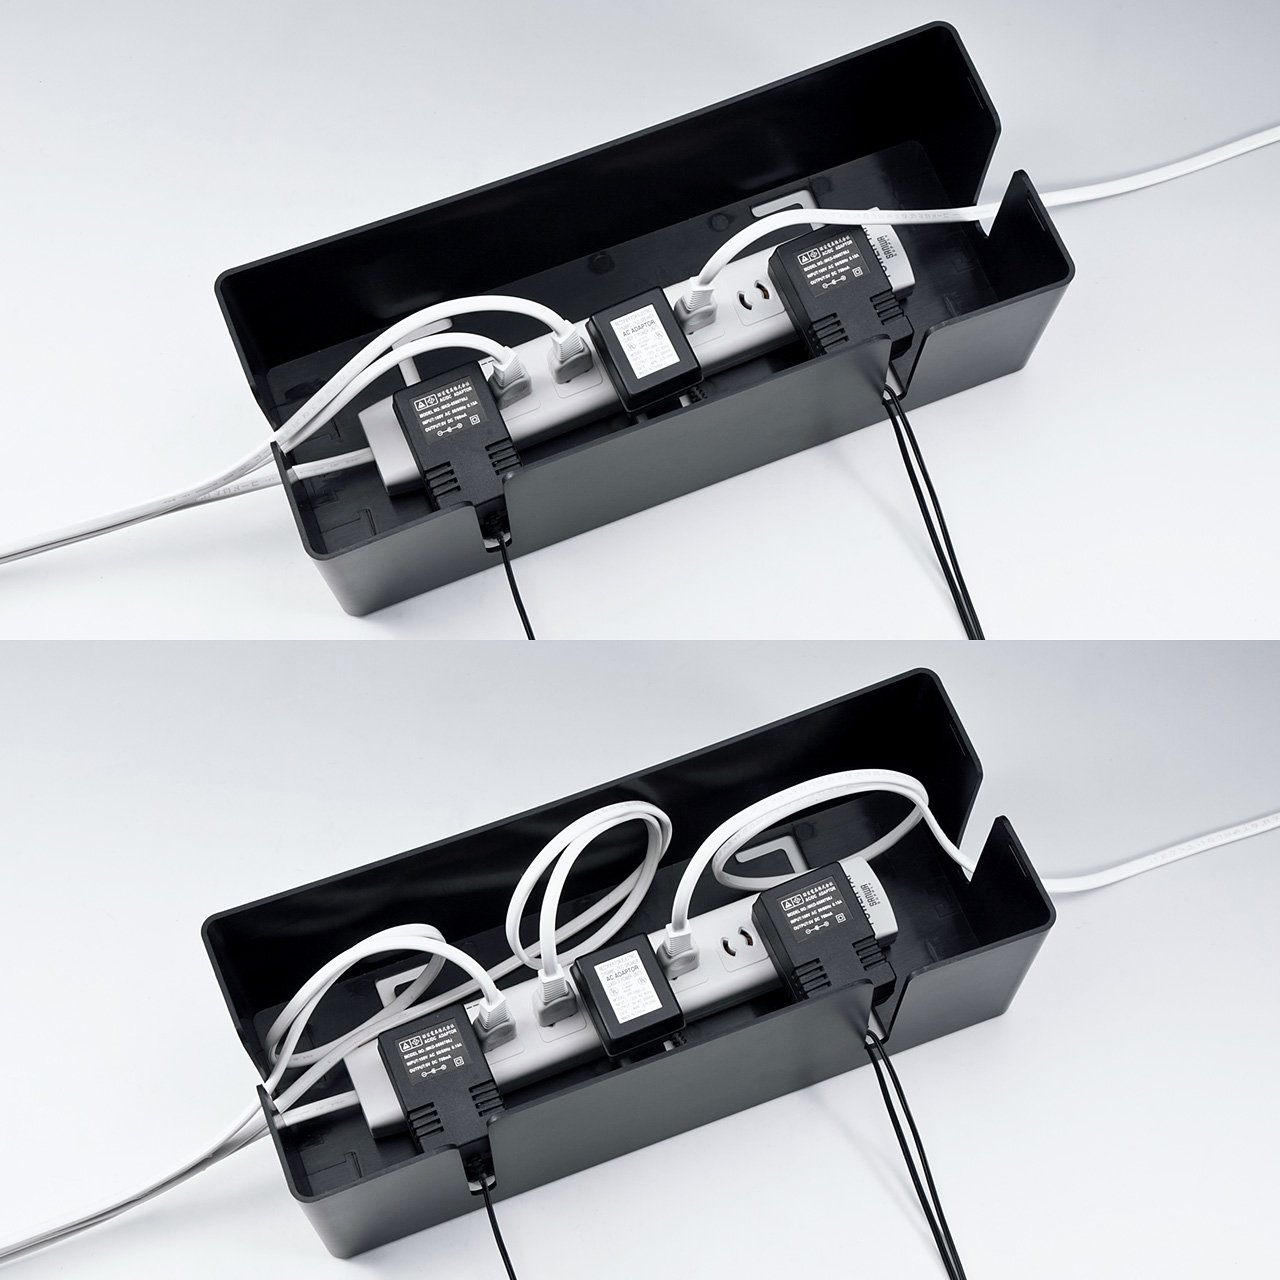 サンワサプライ ケーブル&タップ収納ボックス Lサイズ ブラック CB-BOXP3BKN2